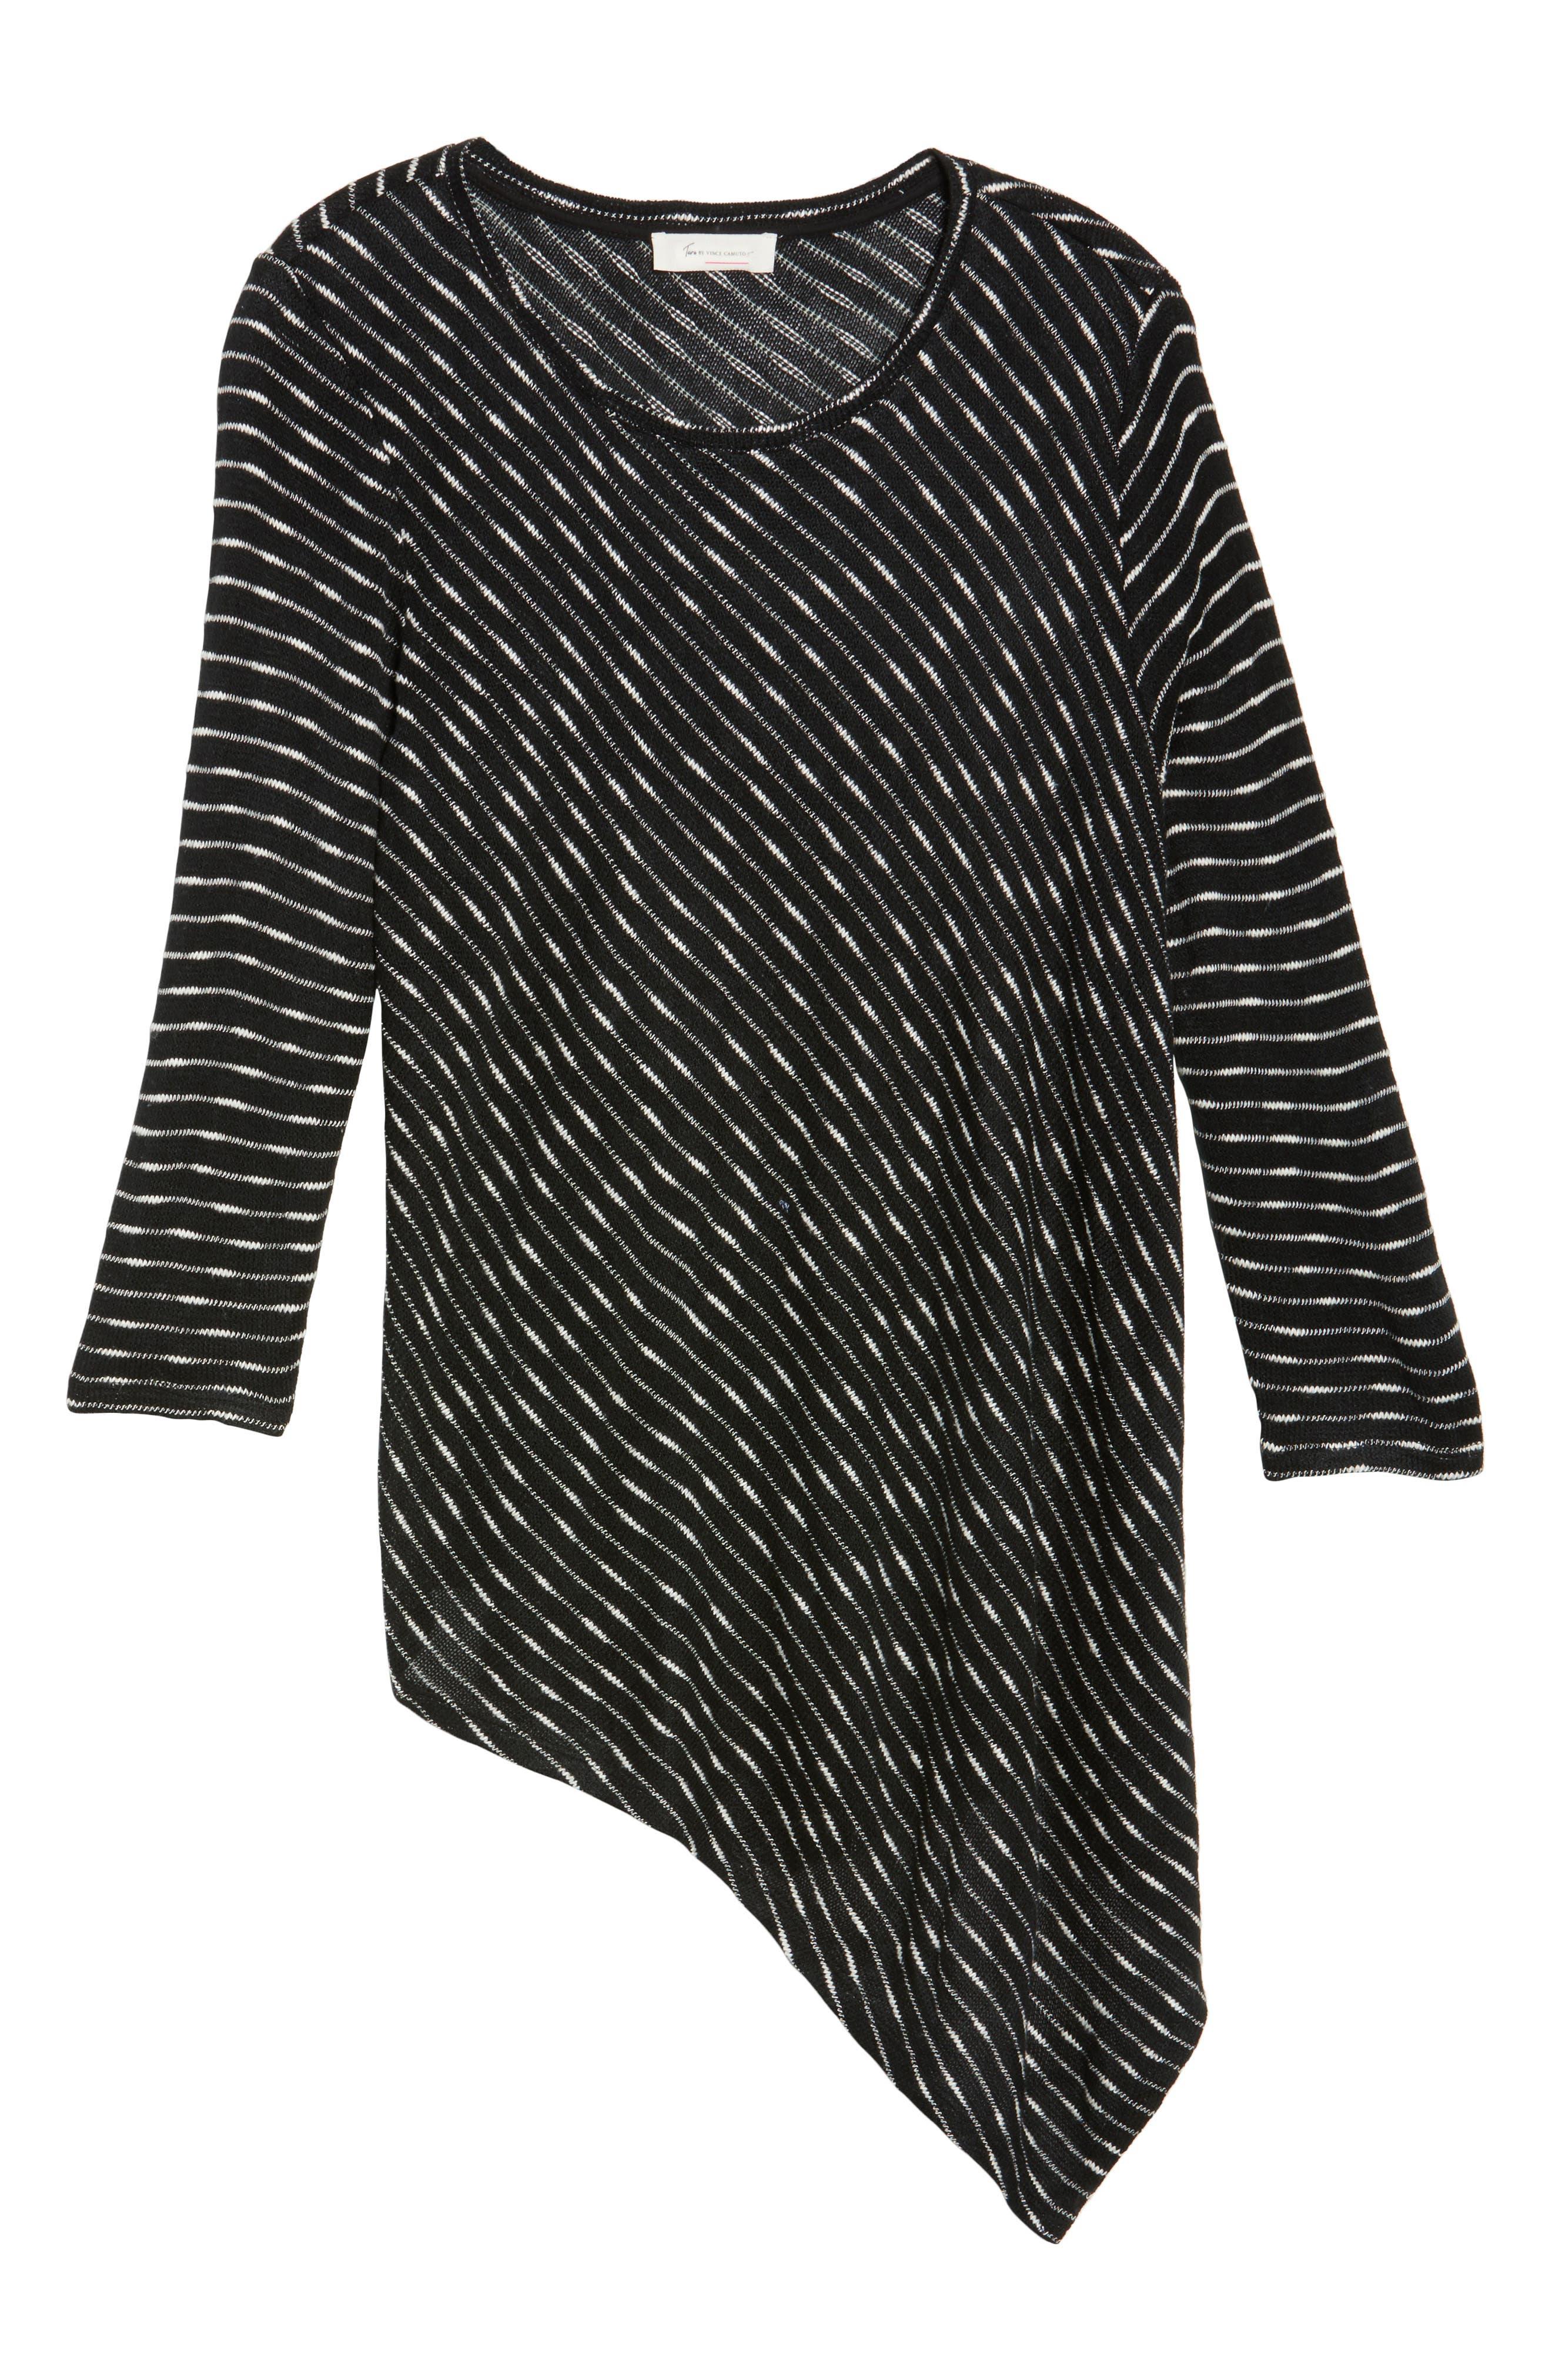 Asymmetrical Stripe Knit Top,                             Alternate thumbnail 6, color,                             010